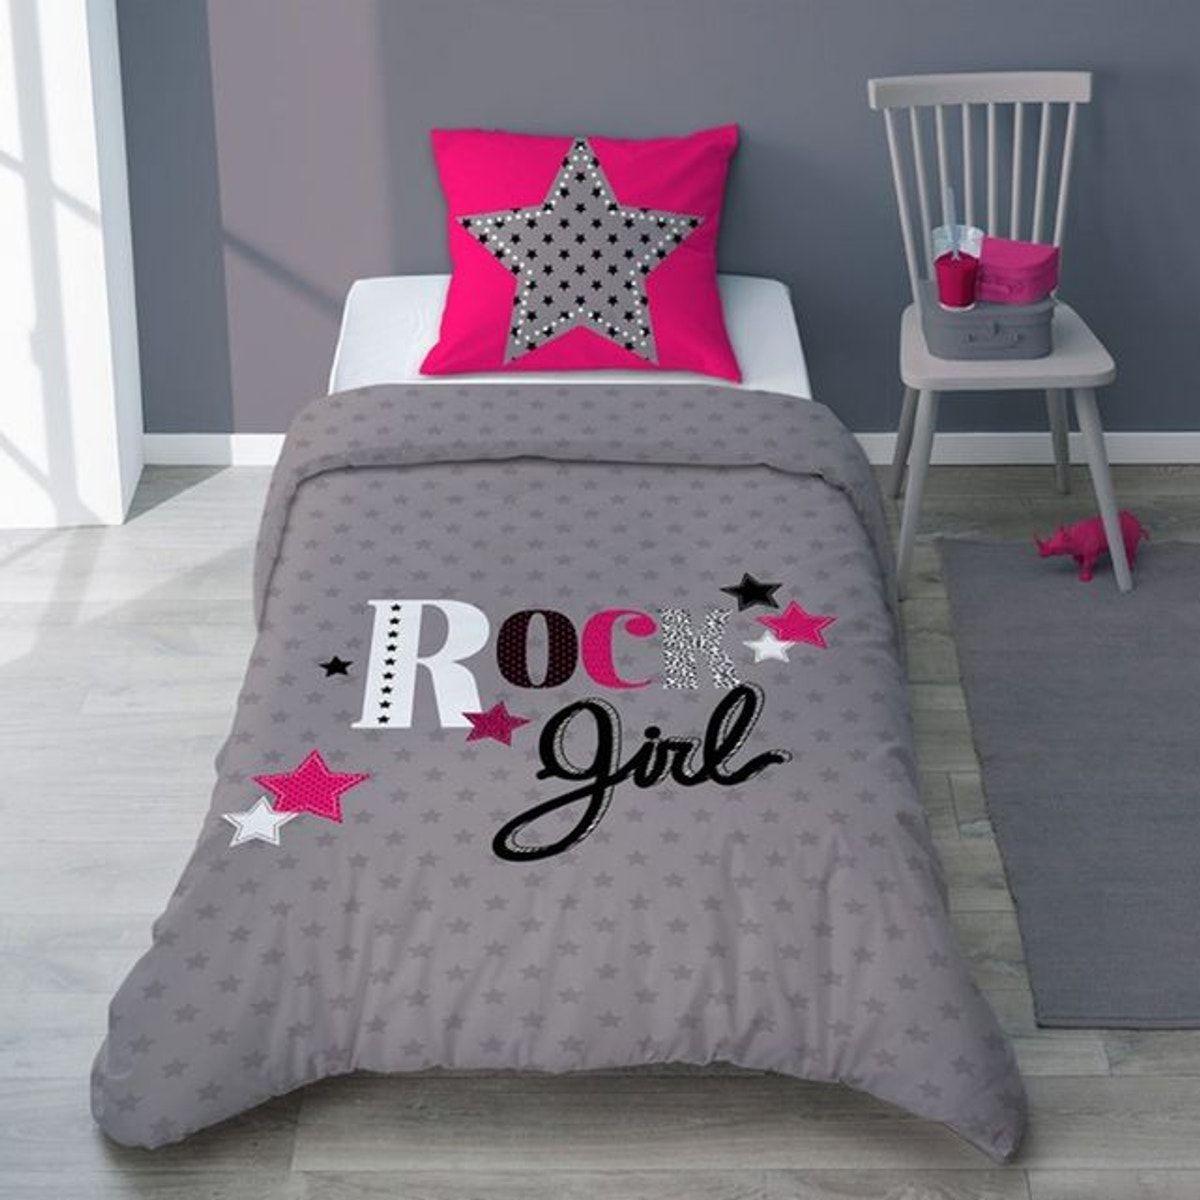 Parure De Lit Girly Rock Etoile Gris Anthracite Fuchsia Ado Coton Girly Rock Parure De Lit Parure De Lit Enfant Parure De Lit Ado